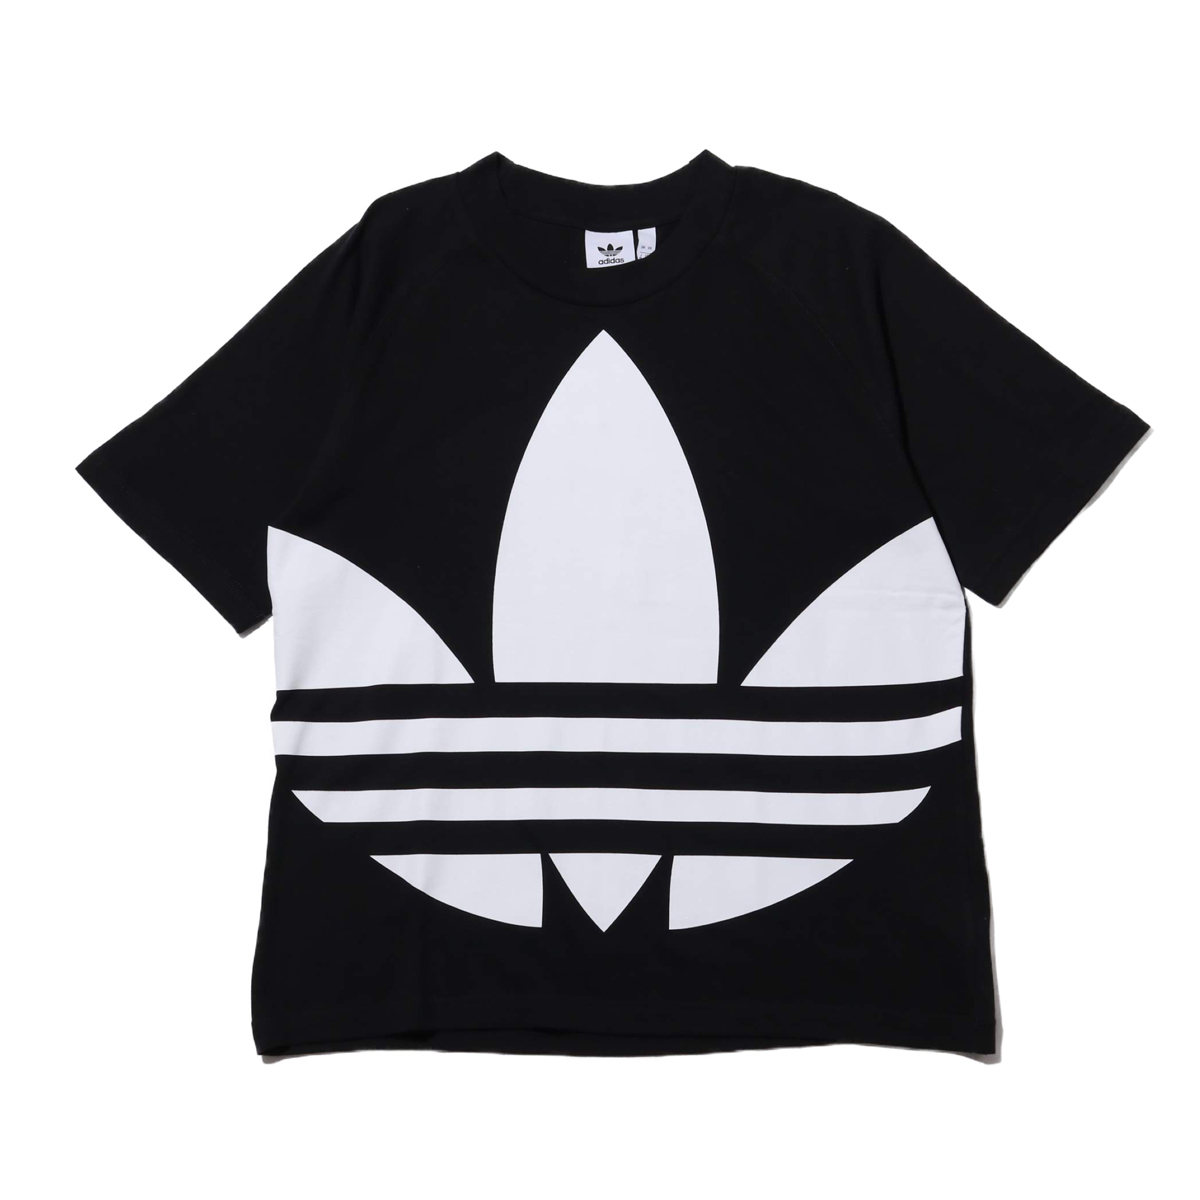 adidas BIG TREFOIL TEE(アディダス ビッグ トレフォイル Tシャツ)BLACK【メンズ 半袖Tシャツ】20SS-I